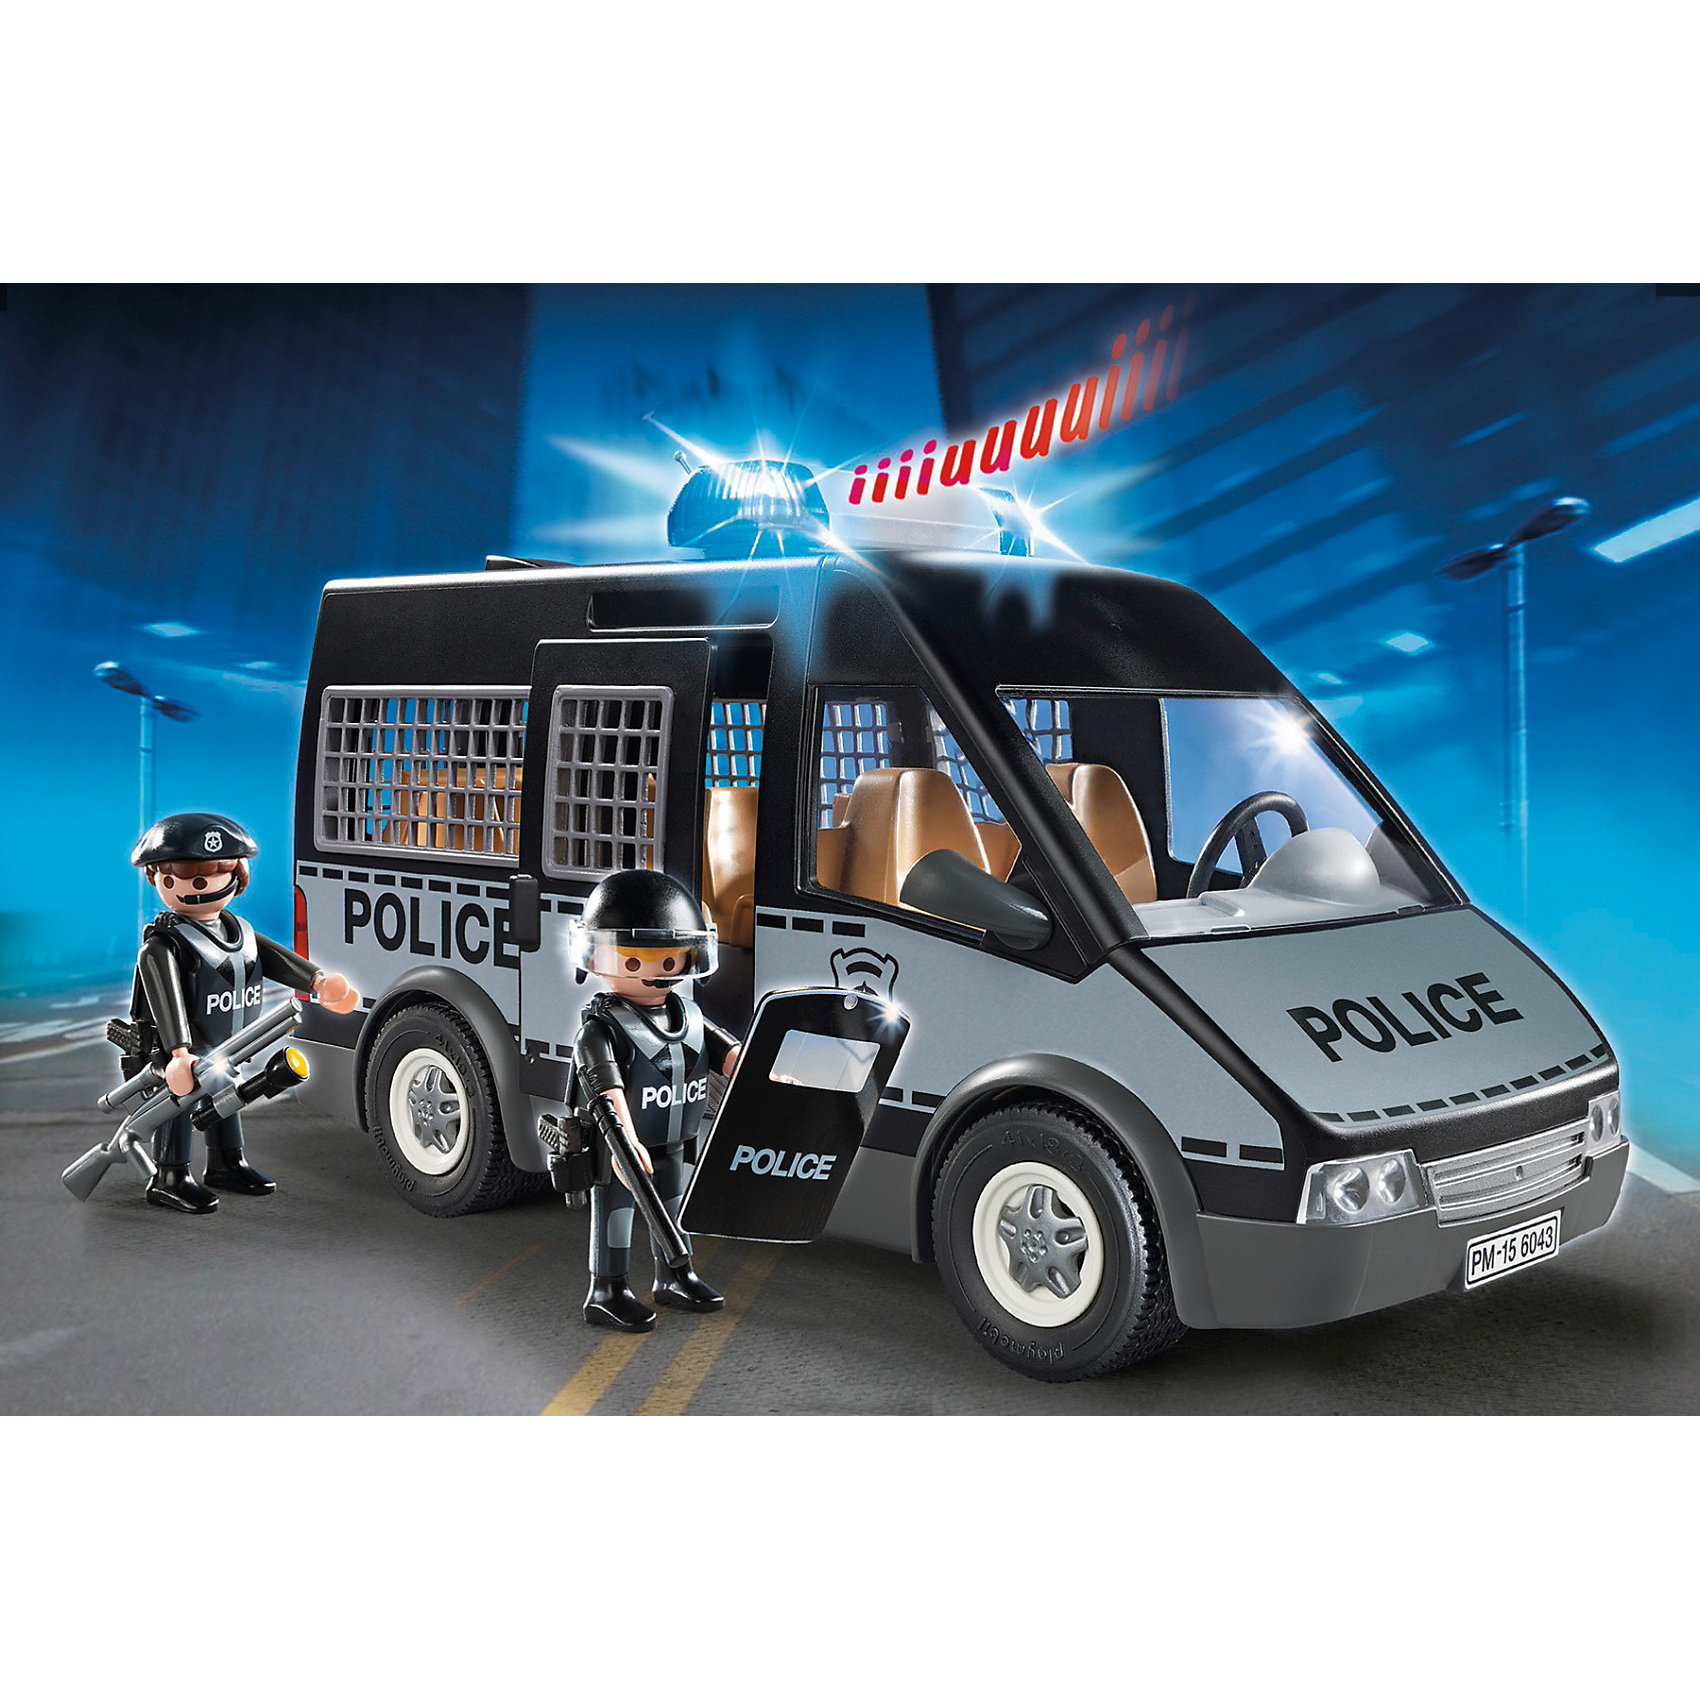 Бронированный фургон с полицейскими, со светом и звуком, PLAYMOBILЭтому бронированному полицейскому фургону не страшны пули преступников! Скорее прыгай в машину и мчись спасать мирный жителей! В наборе - 2 фигурки полицейских. Фургон имеет открывающуюся дверь, подвижные колеса, оснащен мигалкой и сиреной. Фигурки имеют подвижные конечности, в руки можно вложить различные предметы. Все детали набора прекрасно проработаны, выполнены из высококачественного пластика. Играть с таким набором не только приятно и интересно - подобные виды игры развивают мелкую моторику, воображение, творческое мышление.<br><br>Дополнительная информация:<br><br>- Комплектация: 2 фигурки, оружие, фургон.<br>- 2 фигурки в комплекте.<br>- Материал: пластик.<br>- Звуковые и световые эффекты.<br>- Высота фигурки: 7,5 см.<br>- Размер упаковки: 28,4х19х12,4 см.<br>- Элемент питания: 1 ААА батарейка (не входит в комплект).<br><br>Бронированный фургон с полицейскими, со светом и звуком, PLAYMOBIL (Плеймобил), можно купить в нашем магазине.<br><br>Ширина мм: 287<br>Глубина мм: 187<br>Высота мм: 127<br>Вес г: 673<br>Возраст от месяцев: 48<br>Возраст до месяцев: 120<br>Пол: Мужской<br>Возраст: Детский<br>SKU: 3786451